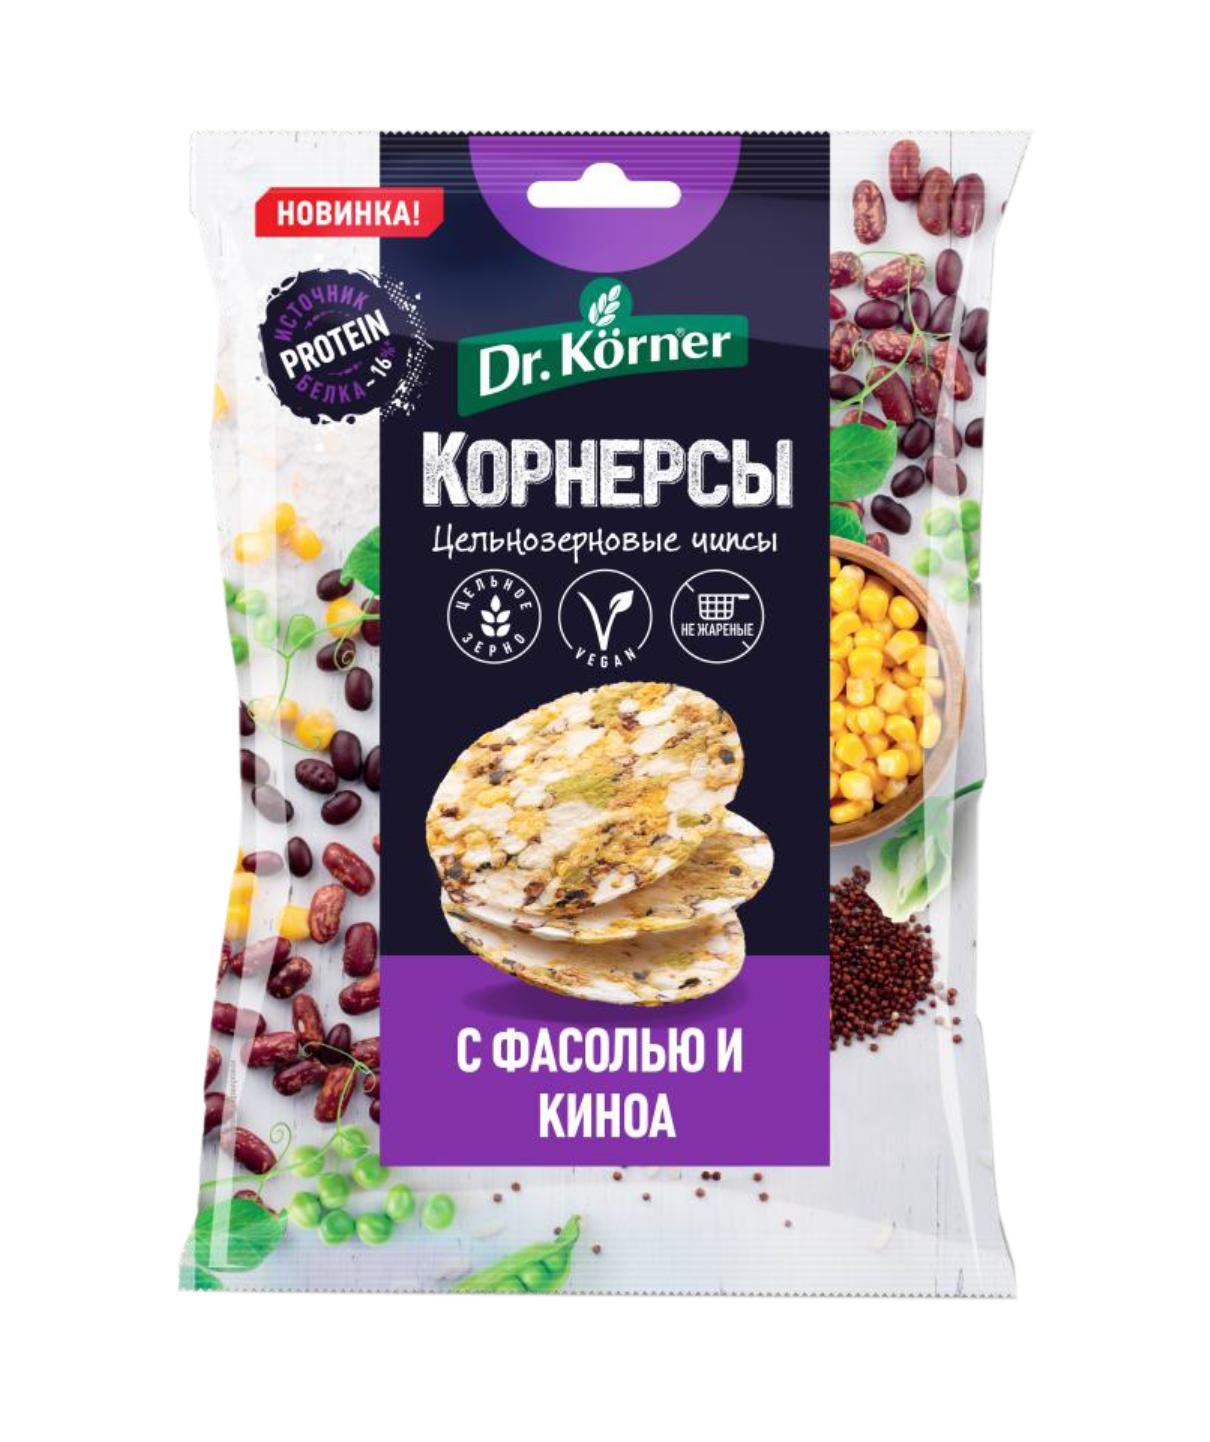 Чипсы Dr.Korner Корнерсы горошек фасоль киноа